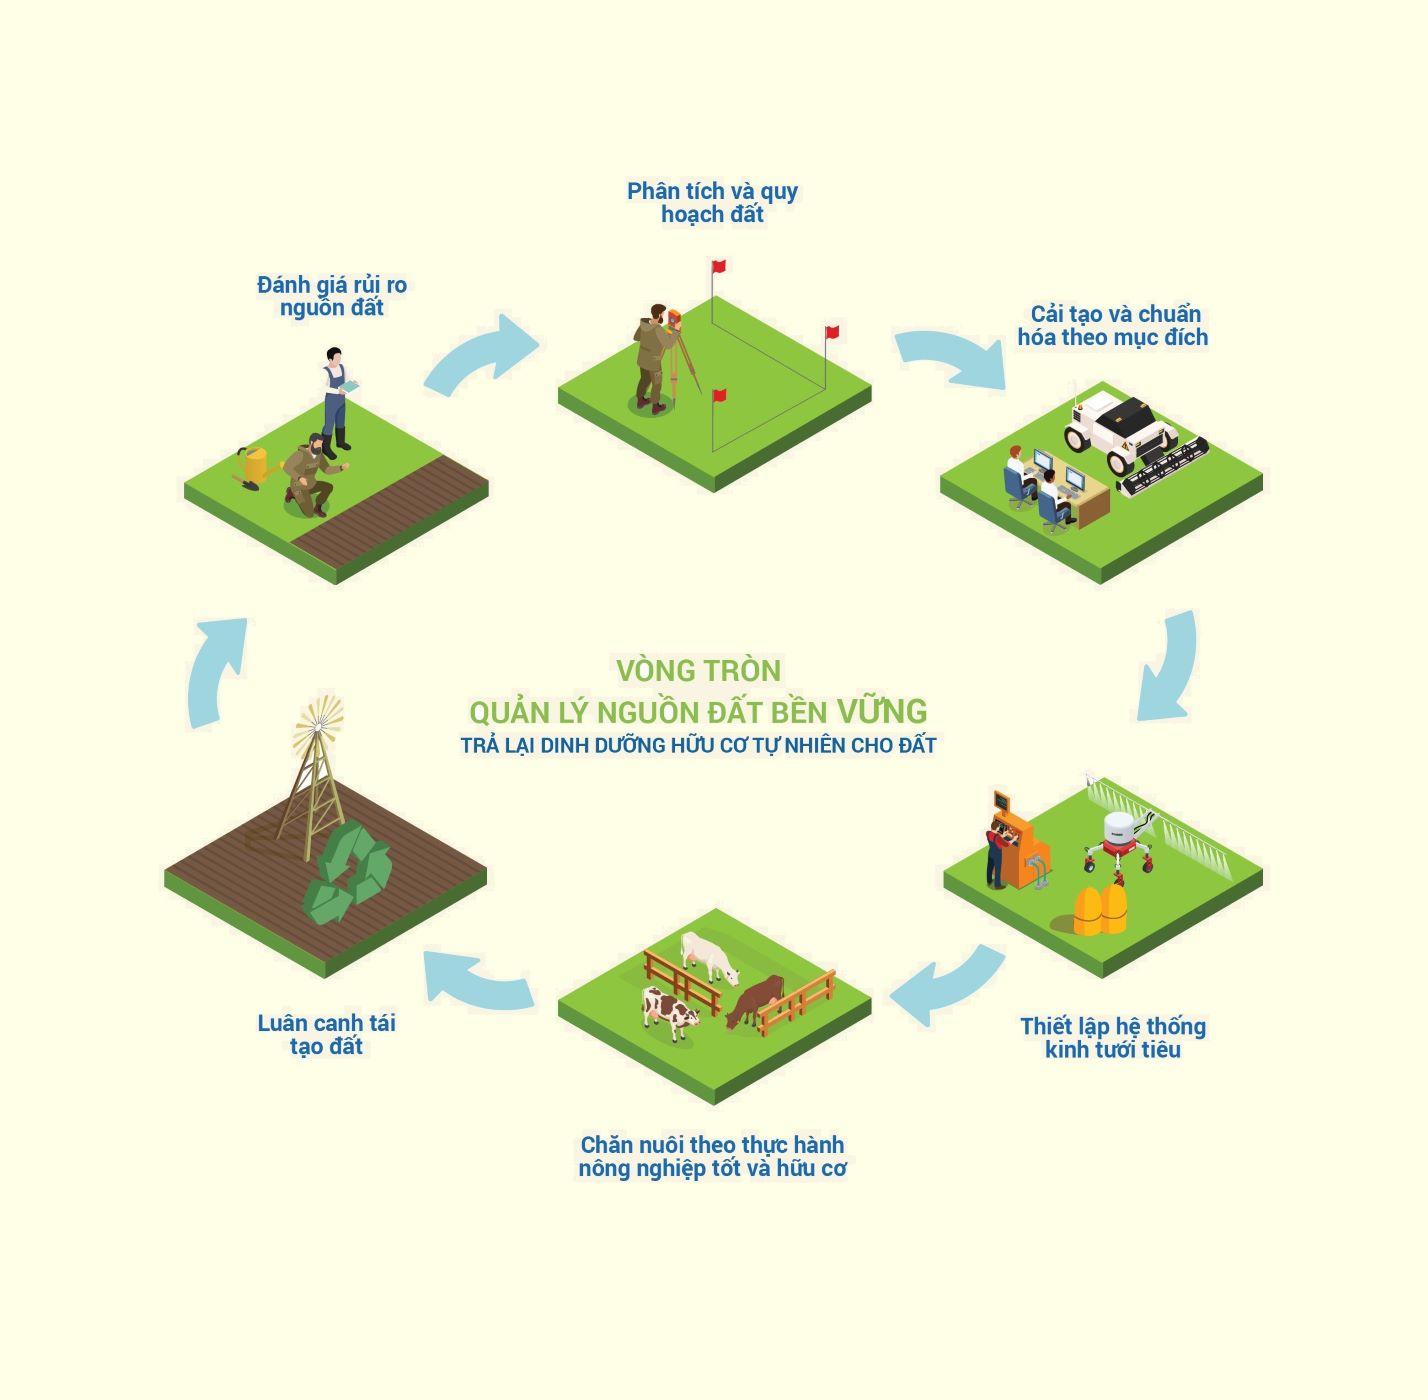 Vinamilk vững vàng vị trí dẫn đầu Top doanh nghiệp phát triển bền vững Việt Nam năm 2020 3